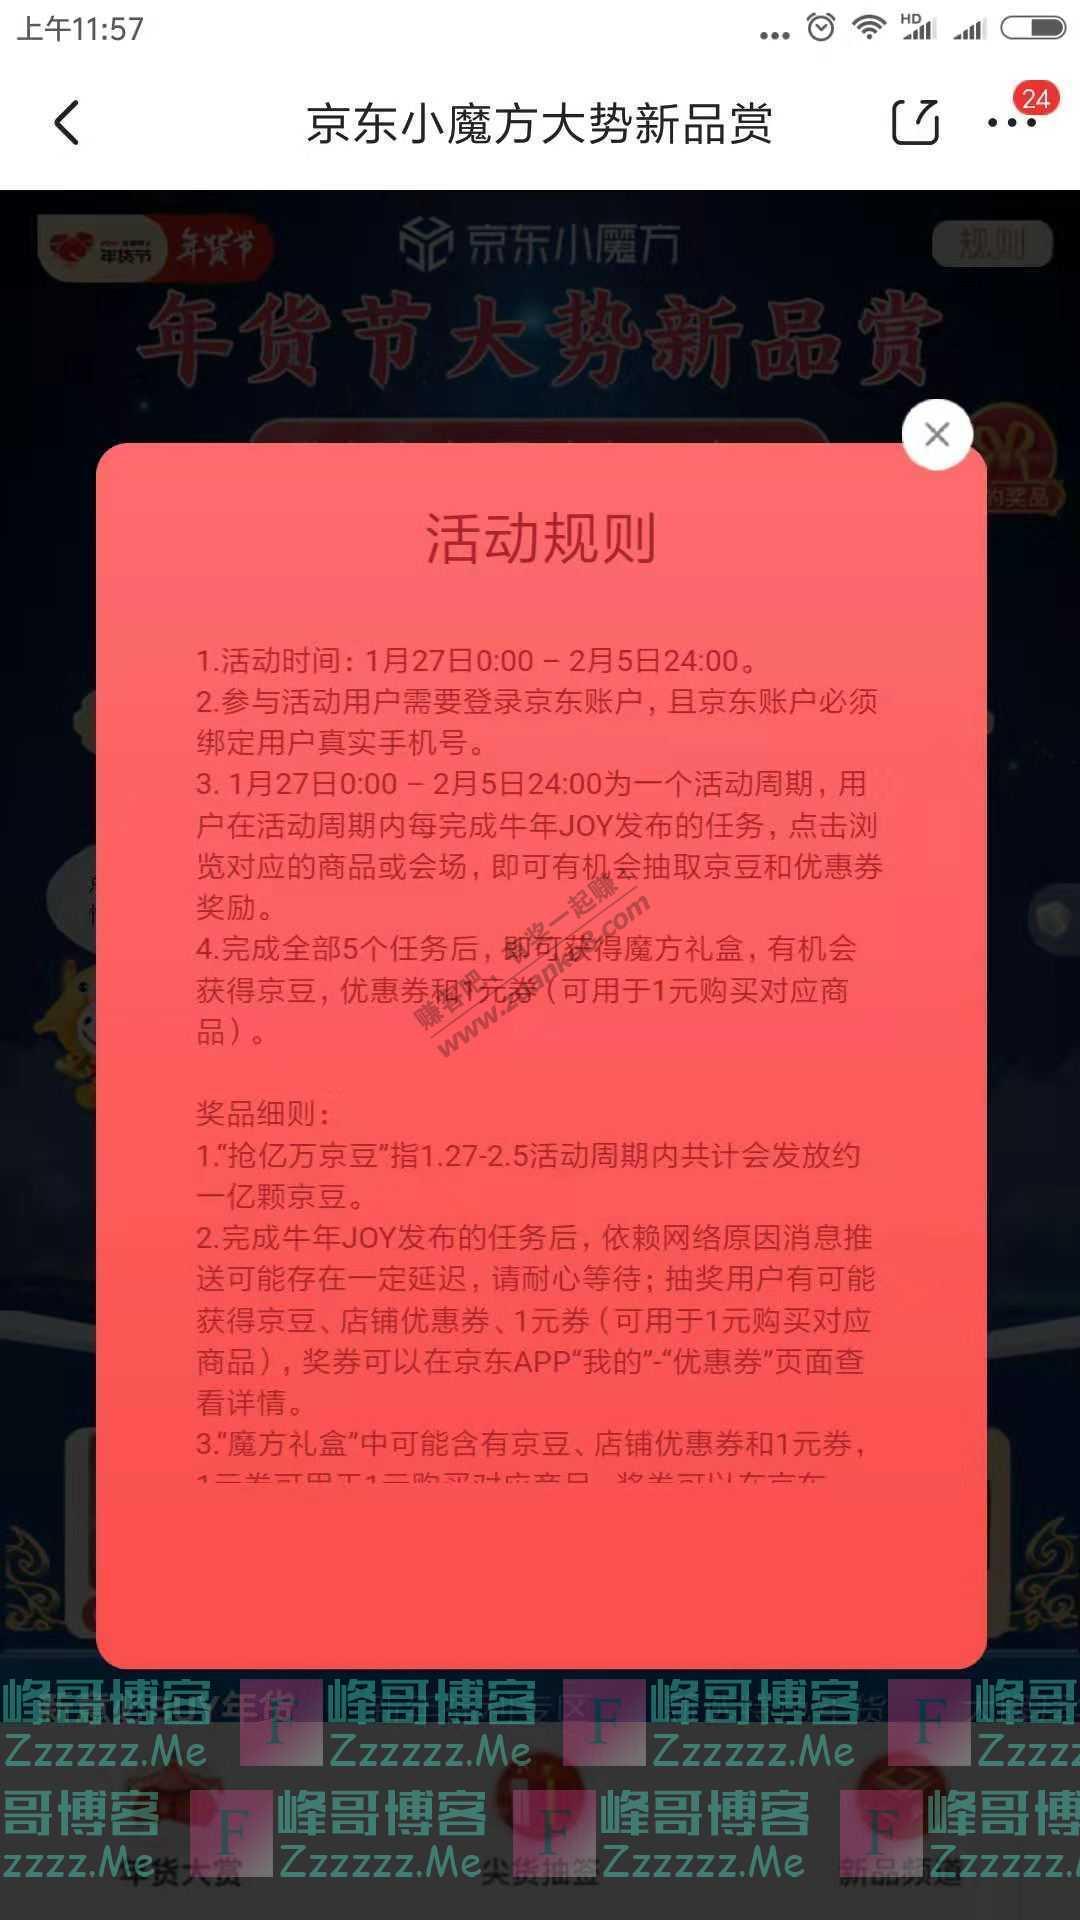 京东app京东小魔方大势新品赏(截止2月5日)